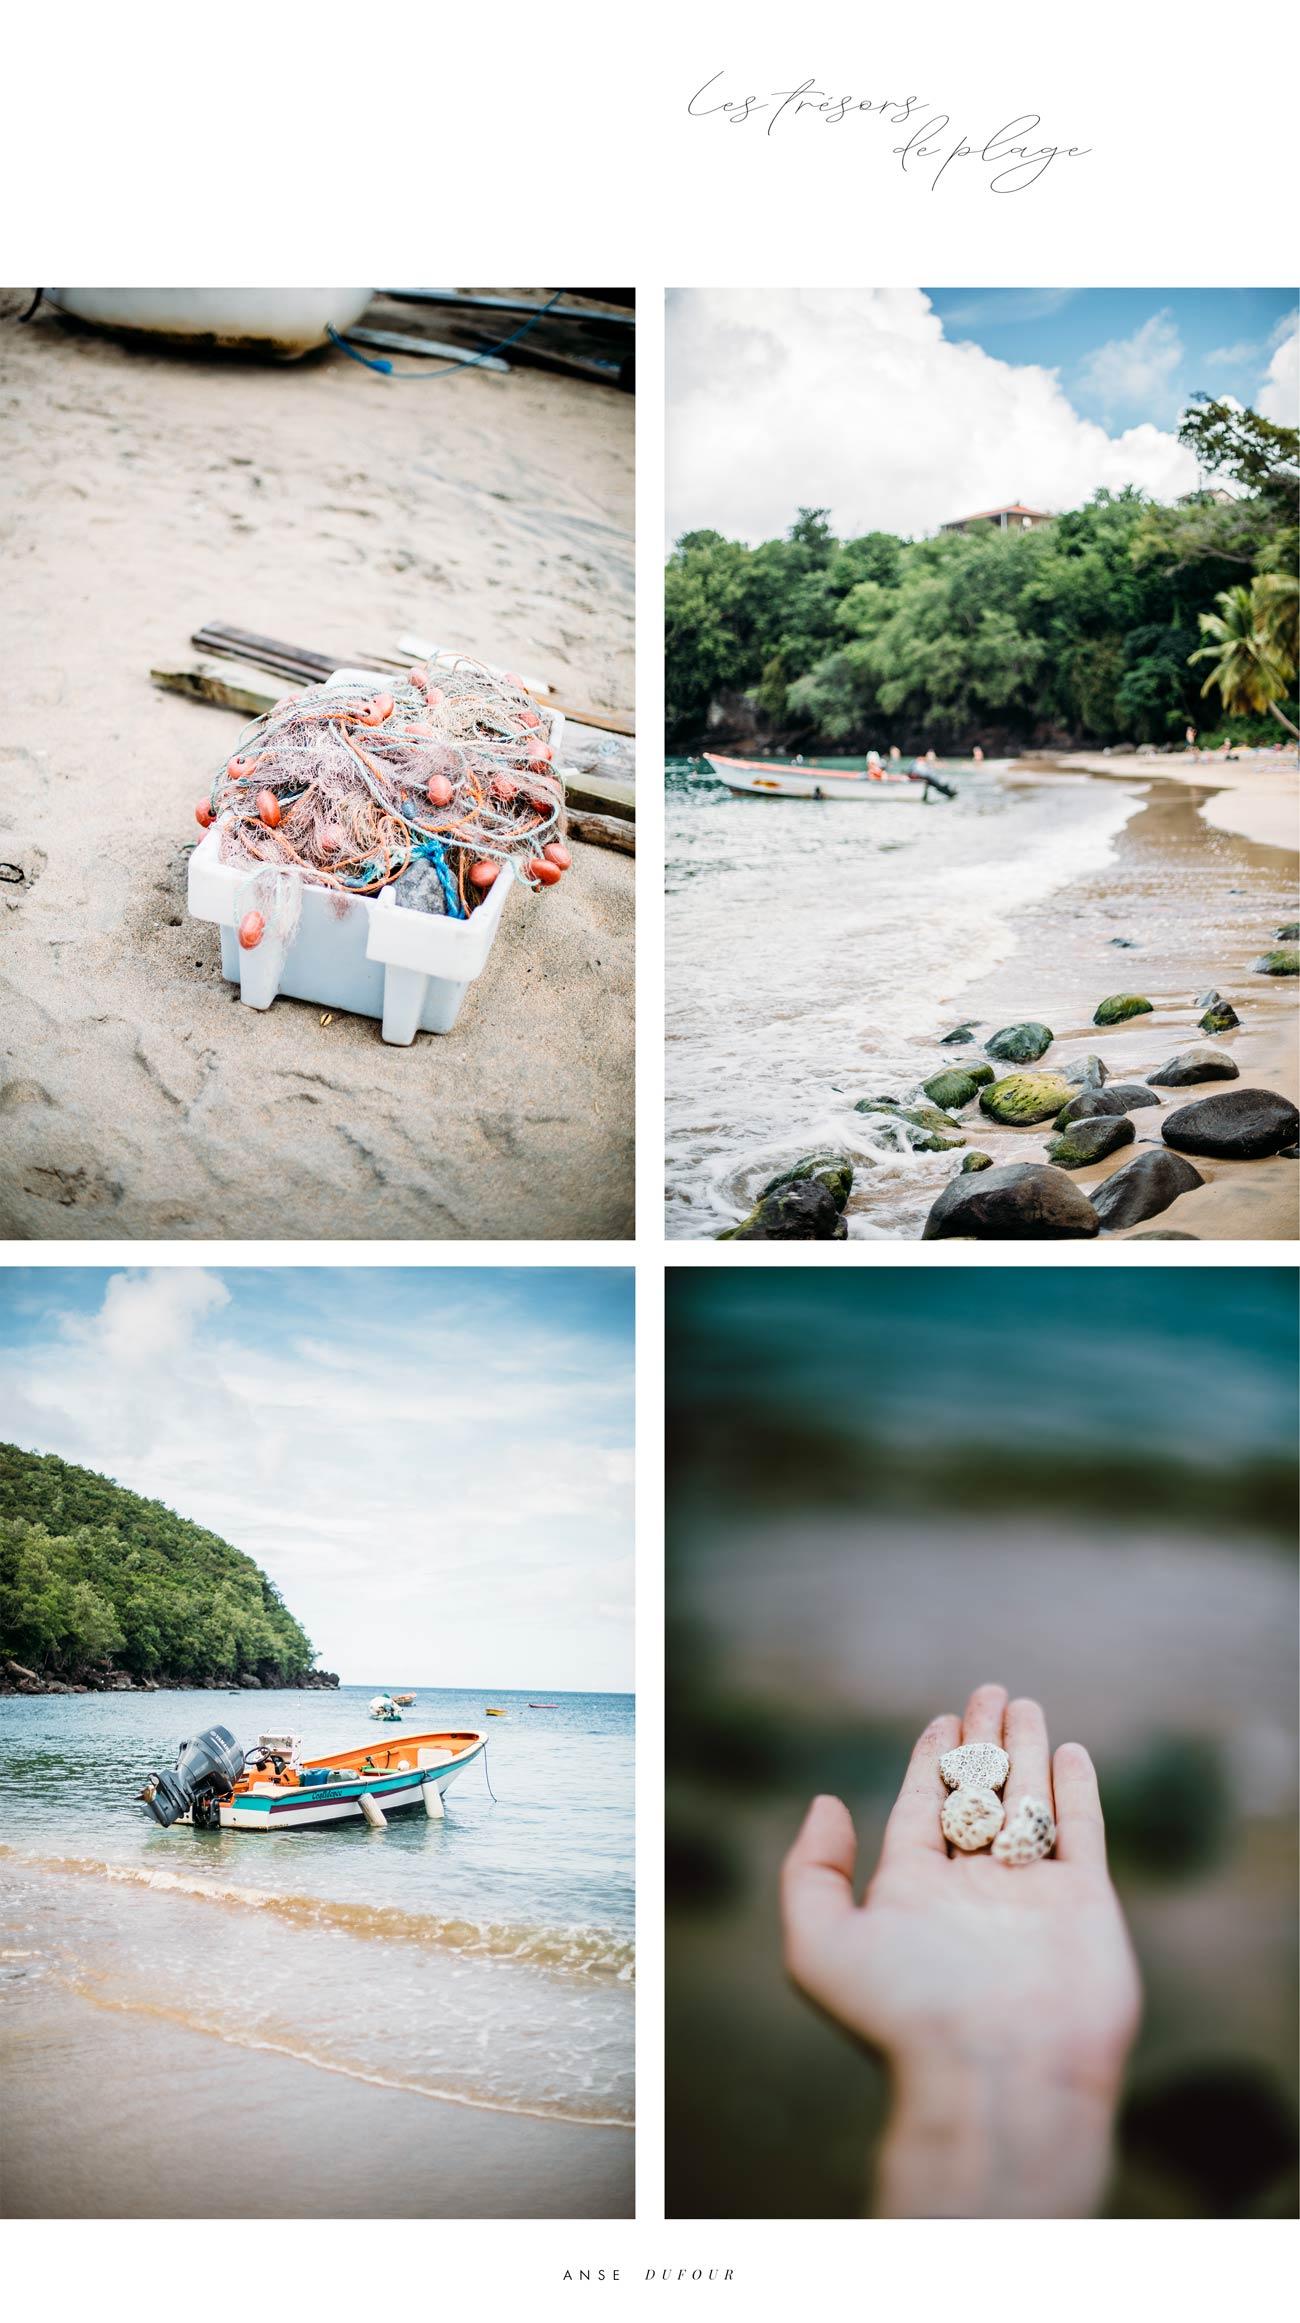 vacances plage Martinique : Anse dufour